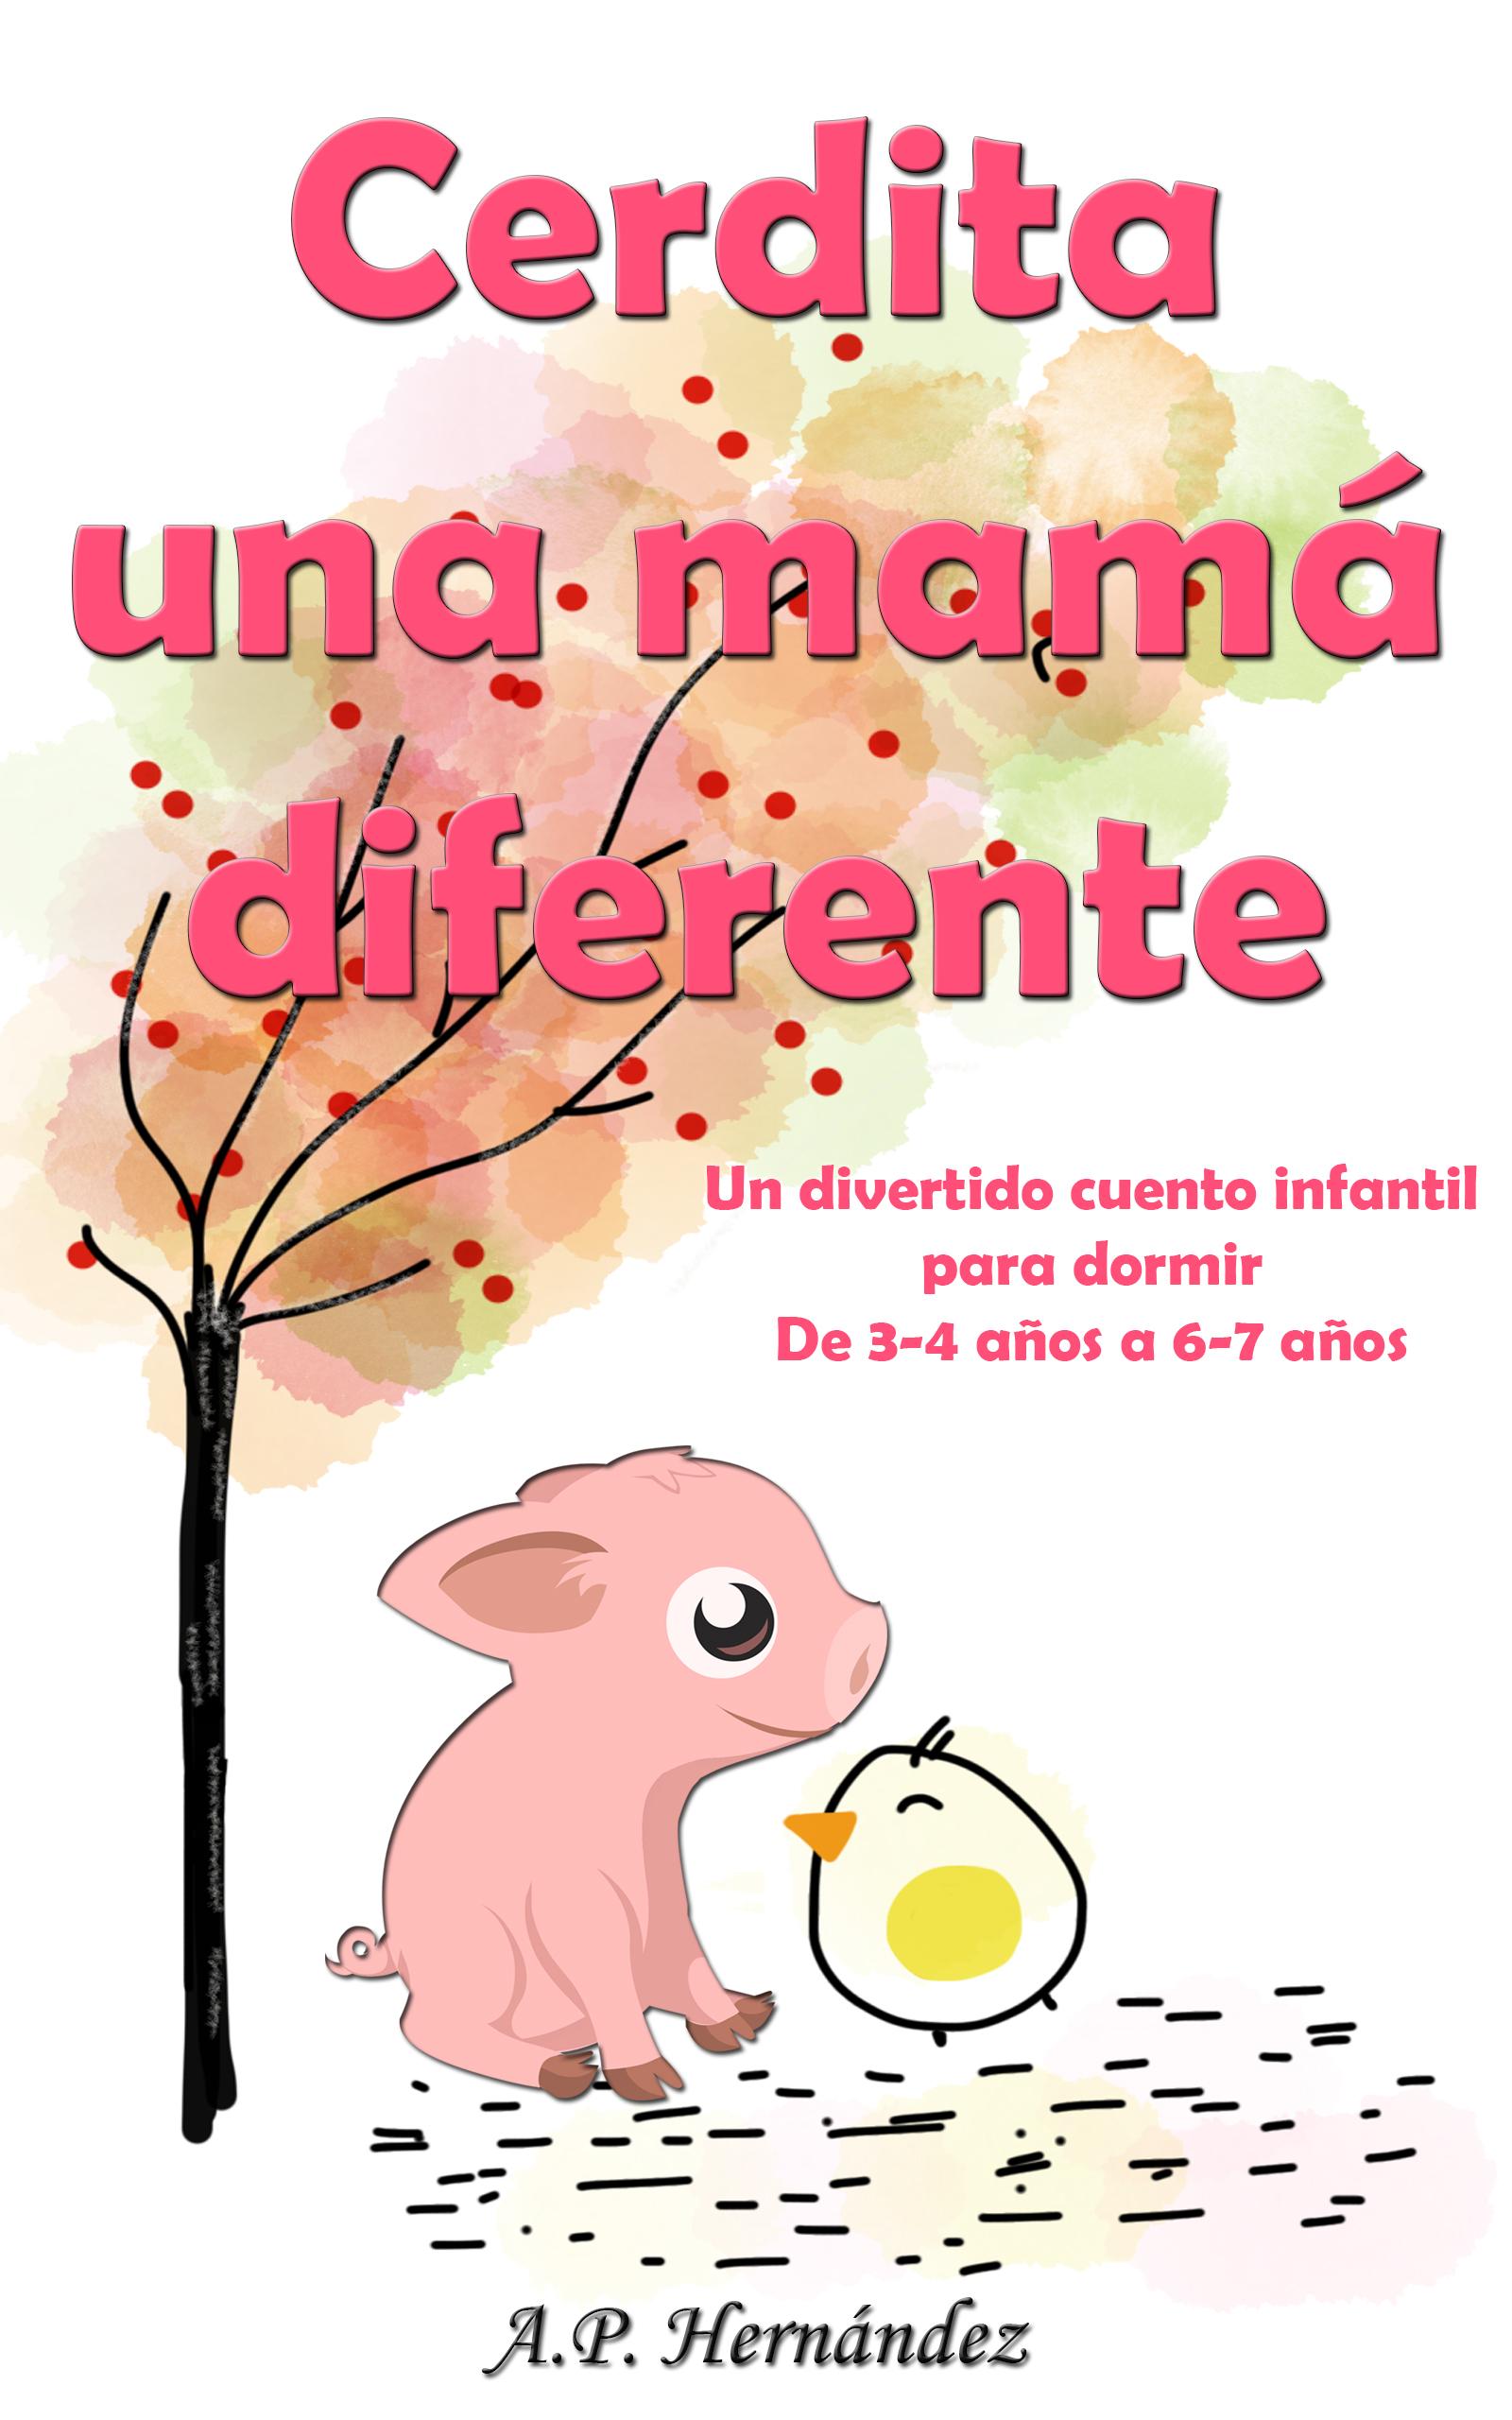 Cerdita, una mamá diferente: un divertido cuento infantil para dormir (de 3-4 años a 6-7 años)